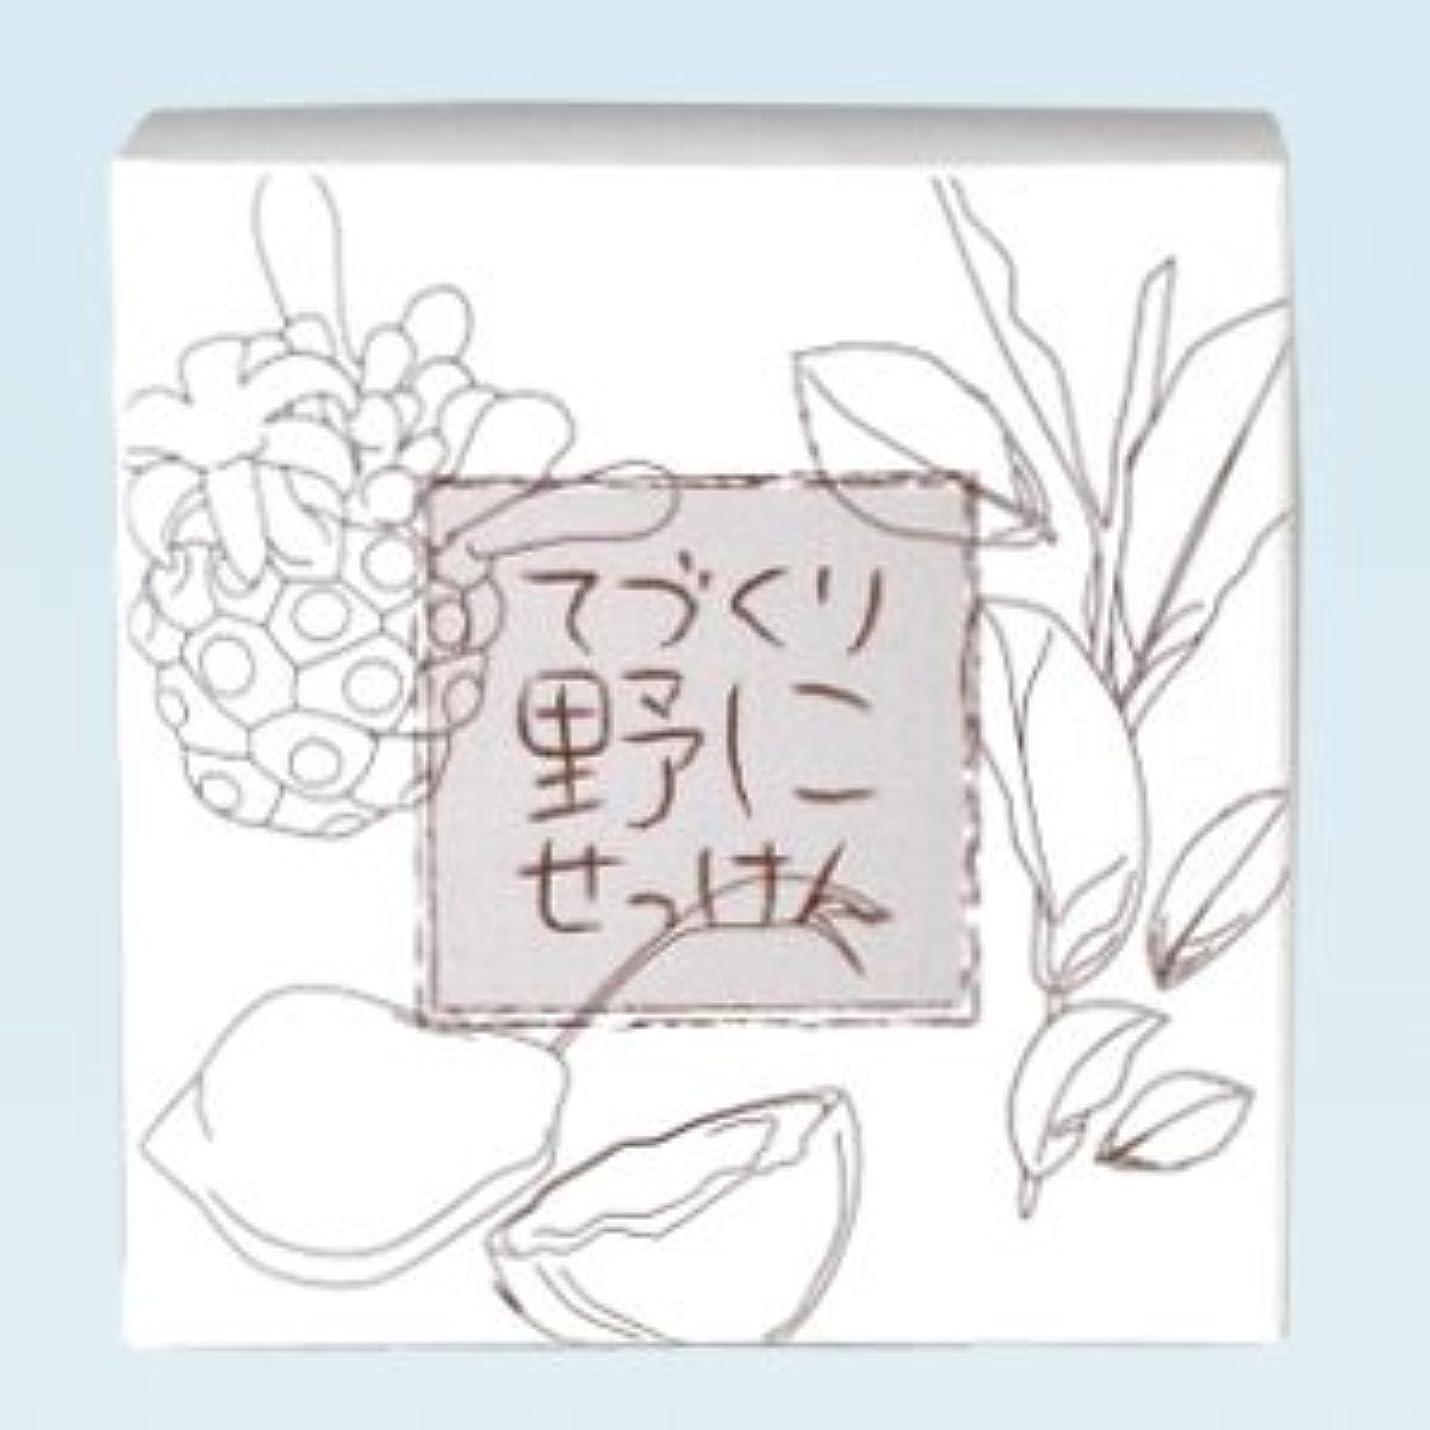 ピッチャークレジットモルヒネ緑茶ノニ石鹸 てづくり野にせっけん(115g)